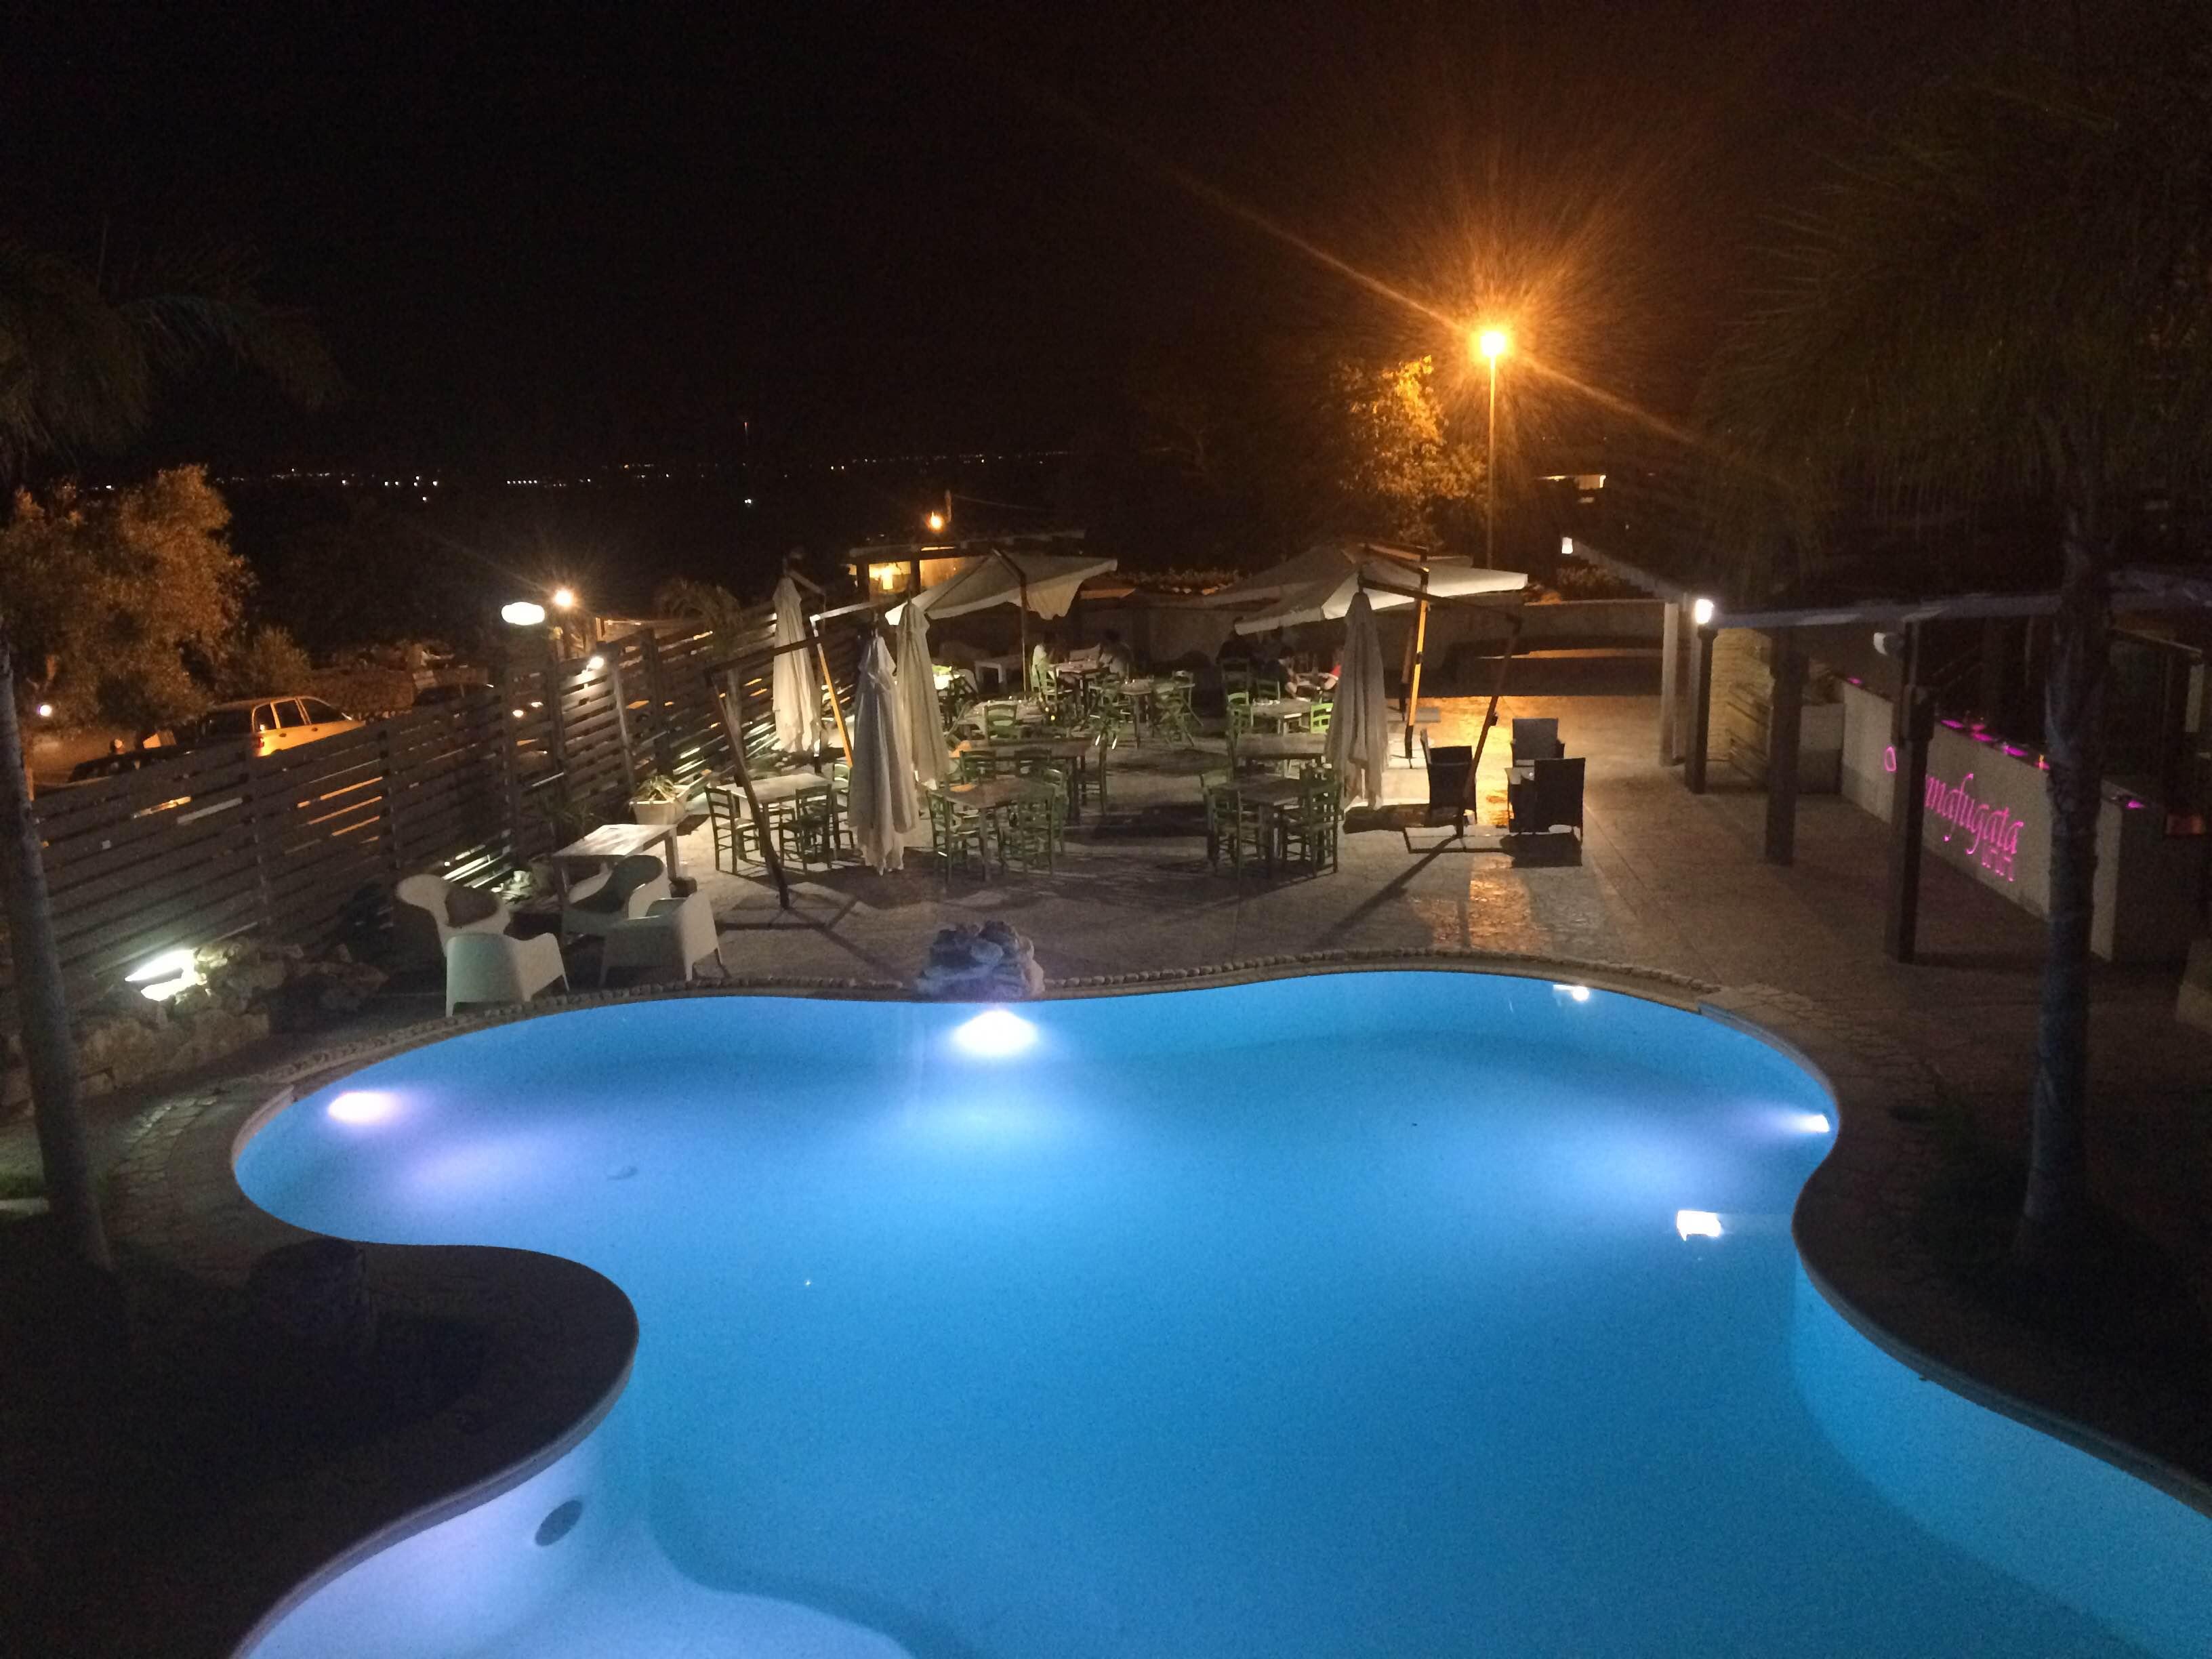 https://www.ragusanews.com//immagini_articoli/21-07-2016/1469088547-1-party-in-piscina-al-donnafugata.jpg